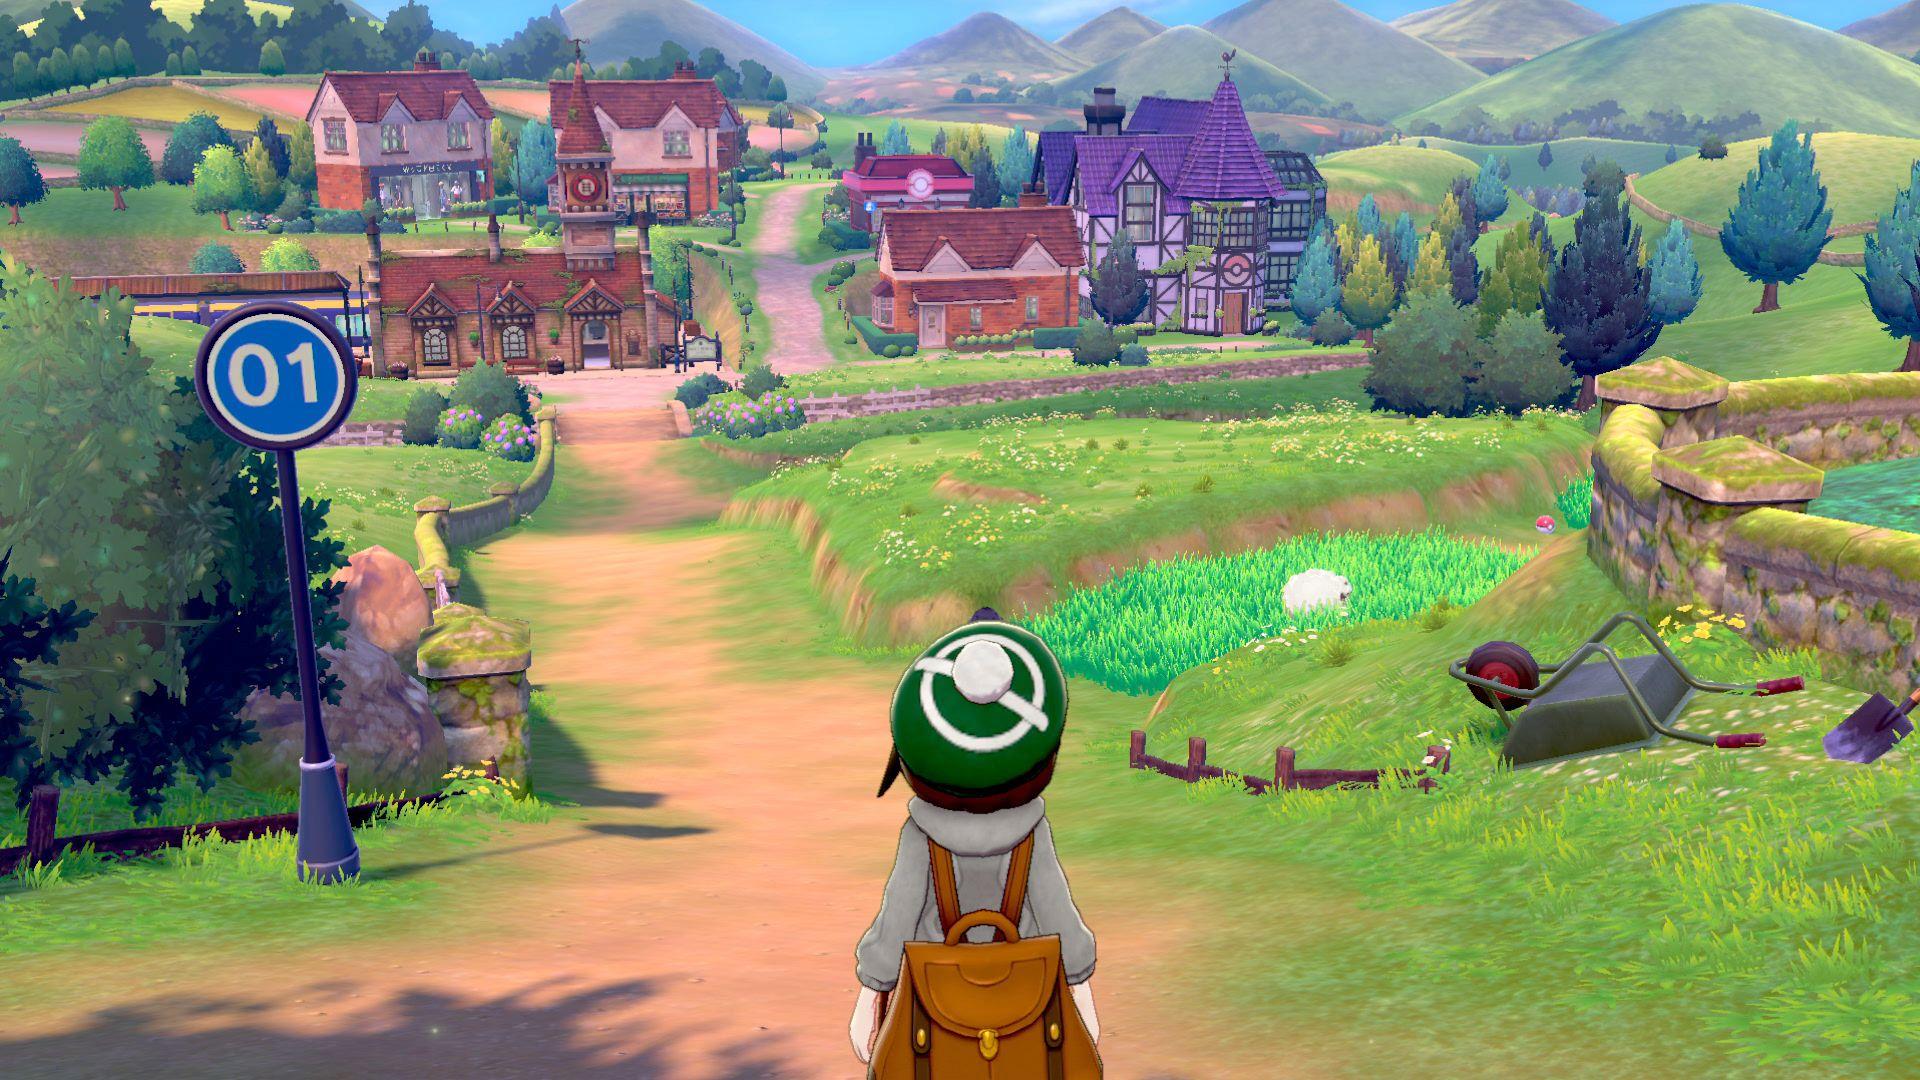 """Sẽ thế nào nếu tựa game có đồ họa """"cùi mía"""" như Pokemon được 3D hóa bằng Unreal Engine? - Ảnh 8."""